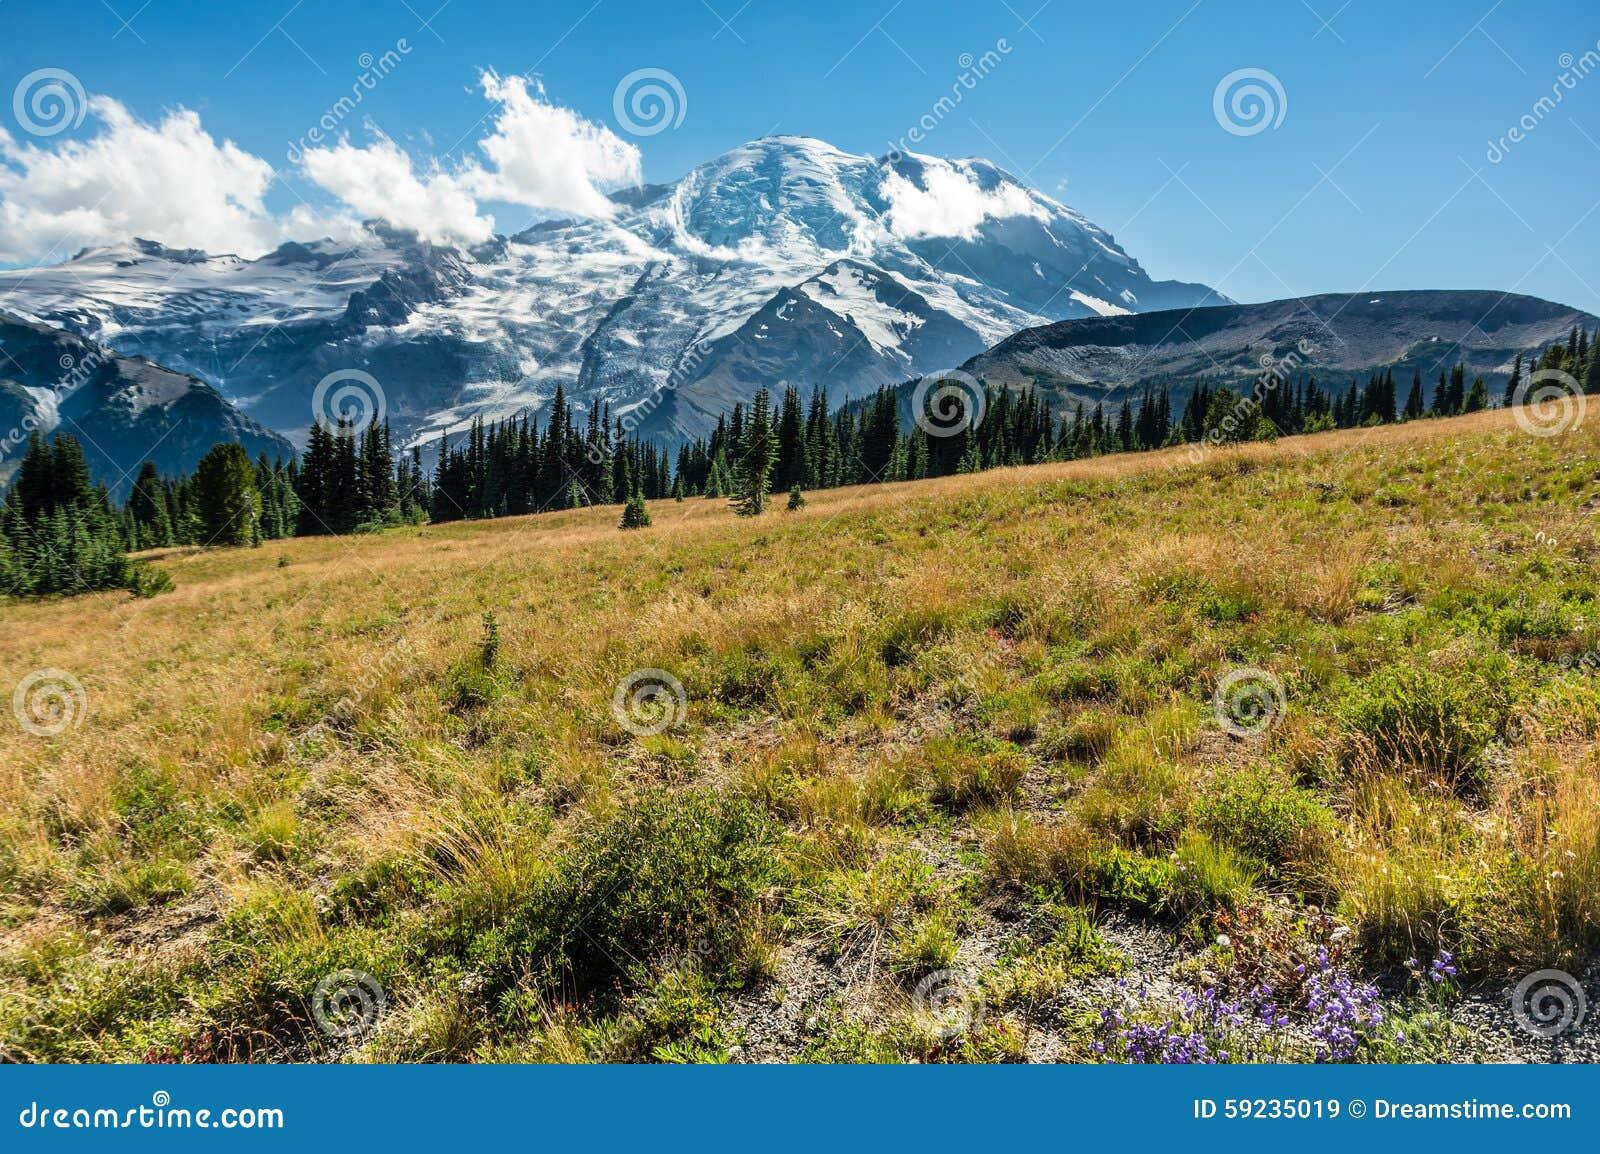 Mt Rainier Landscape